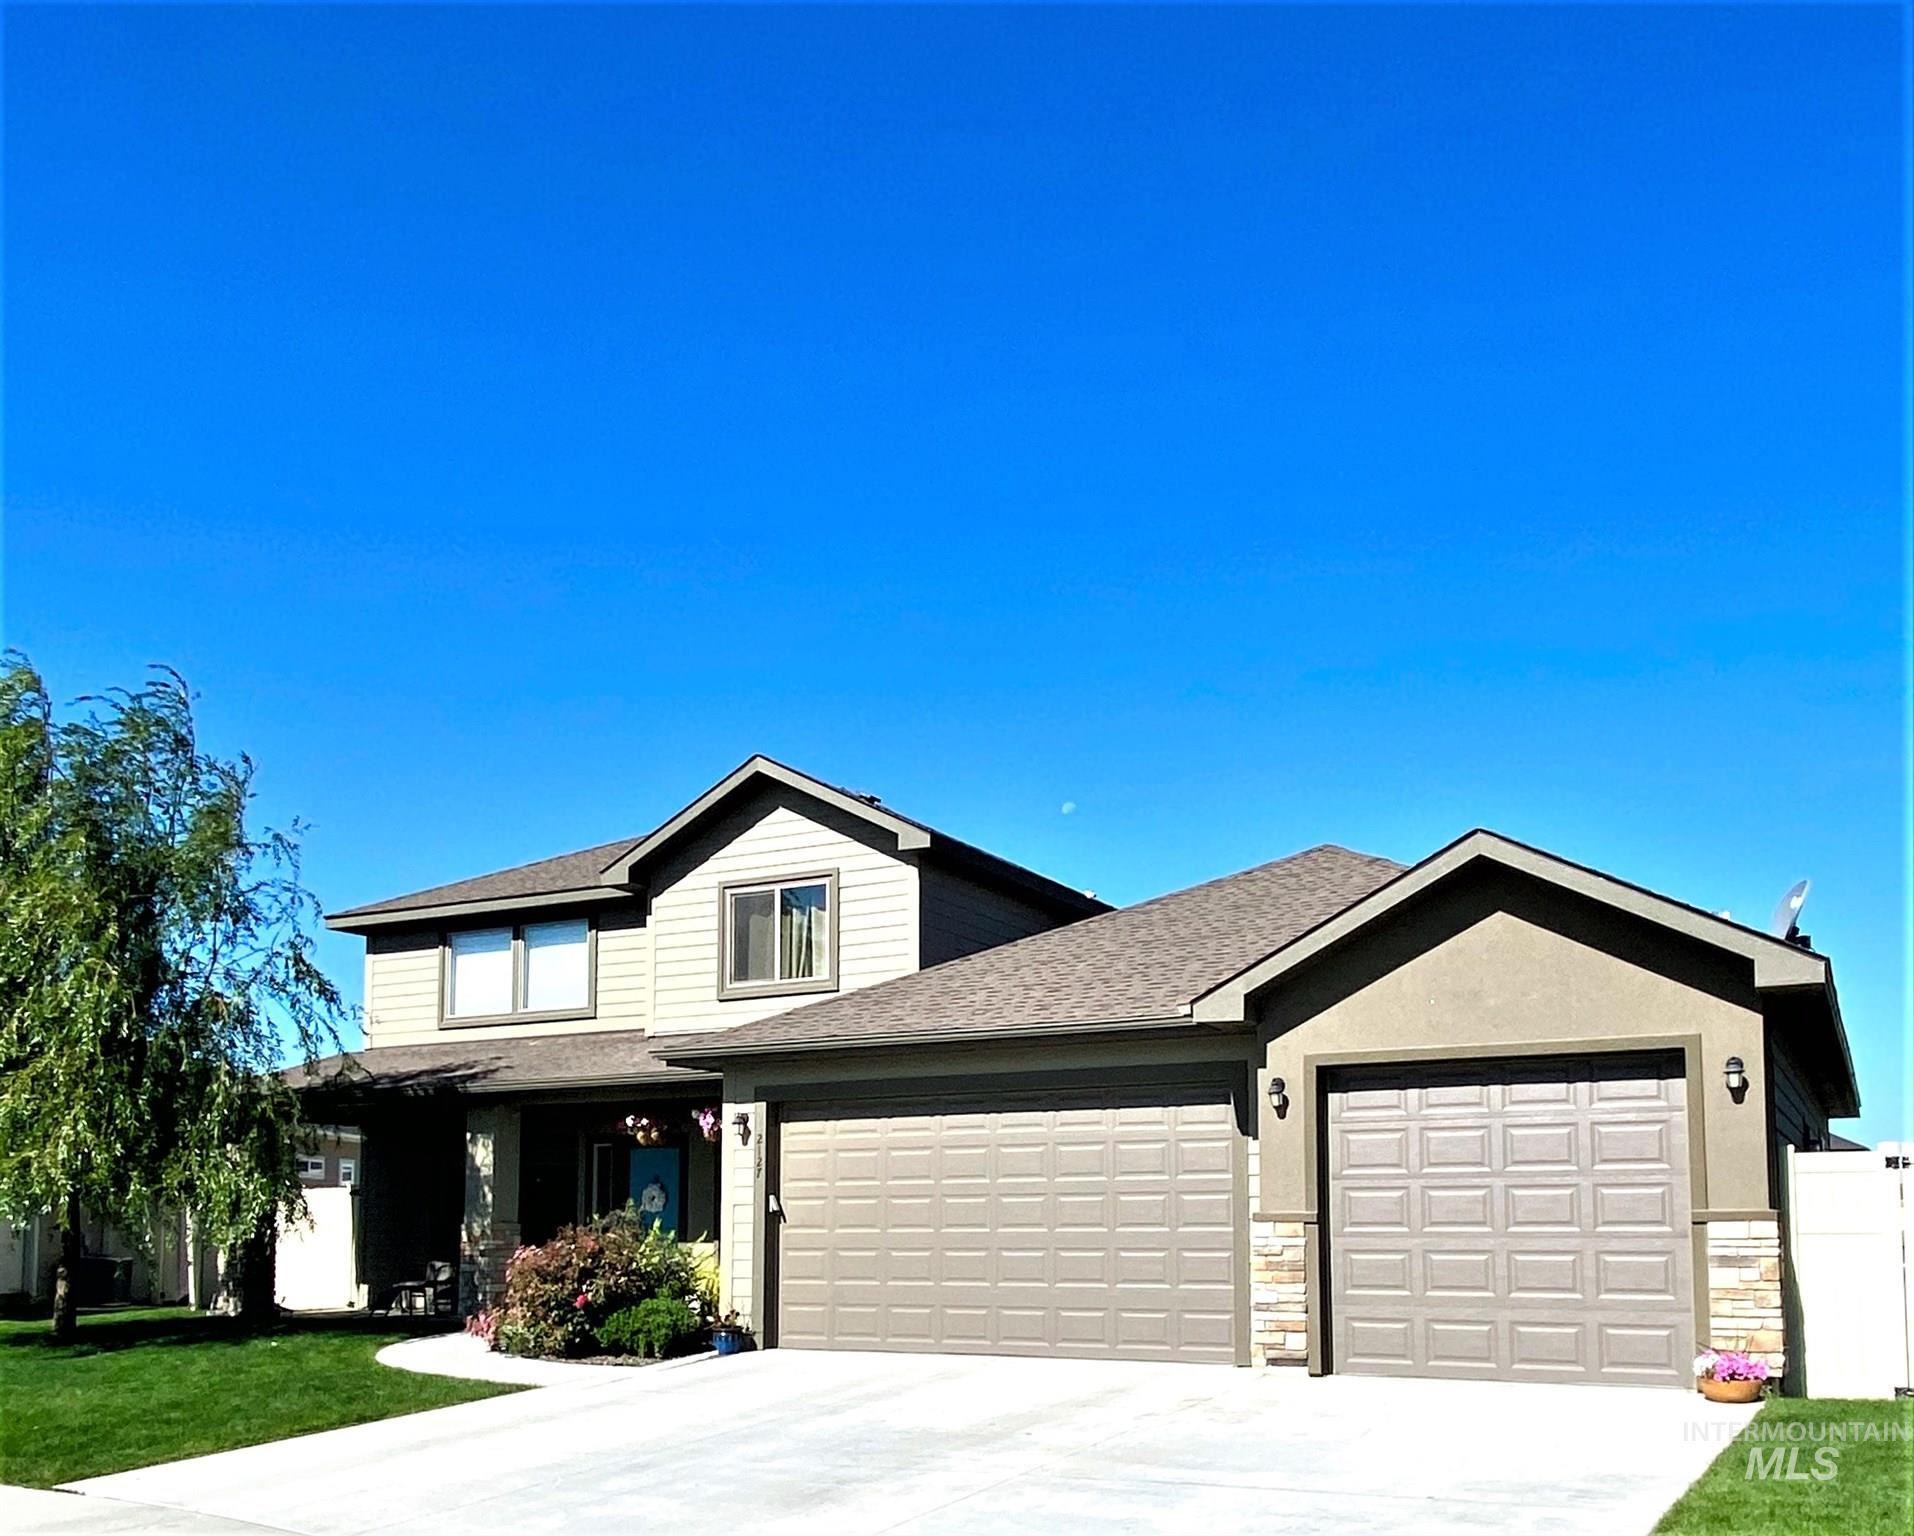 2127 Cayuse St, Twin Falls, ID 83301 - MLS#: 98773618